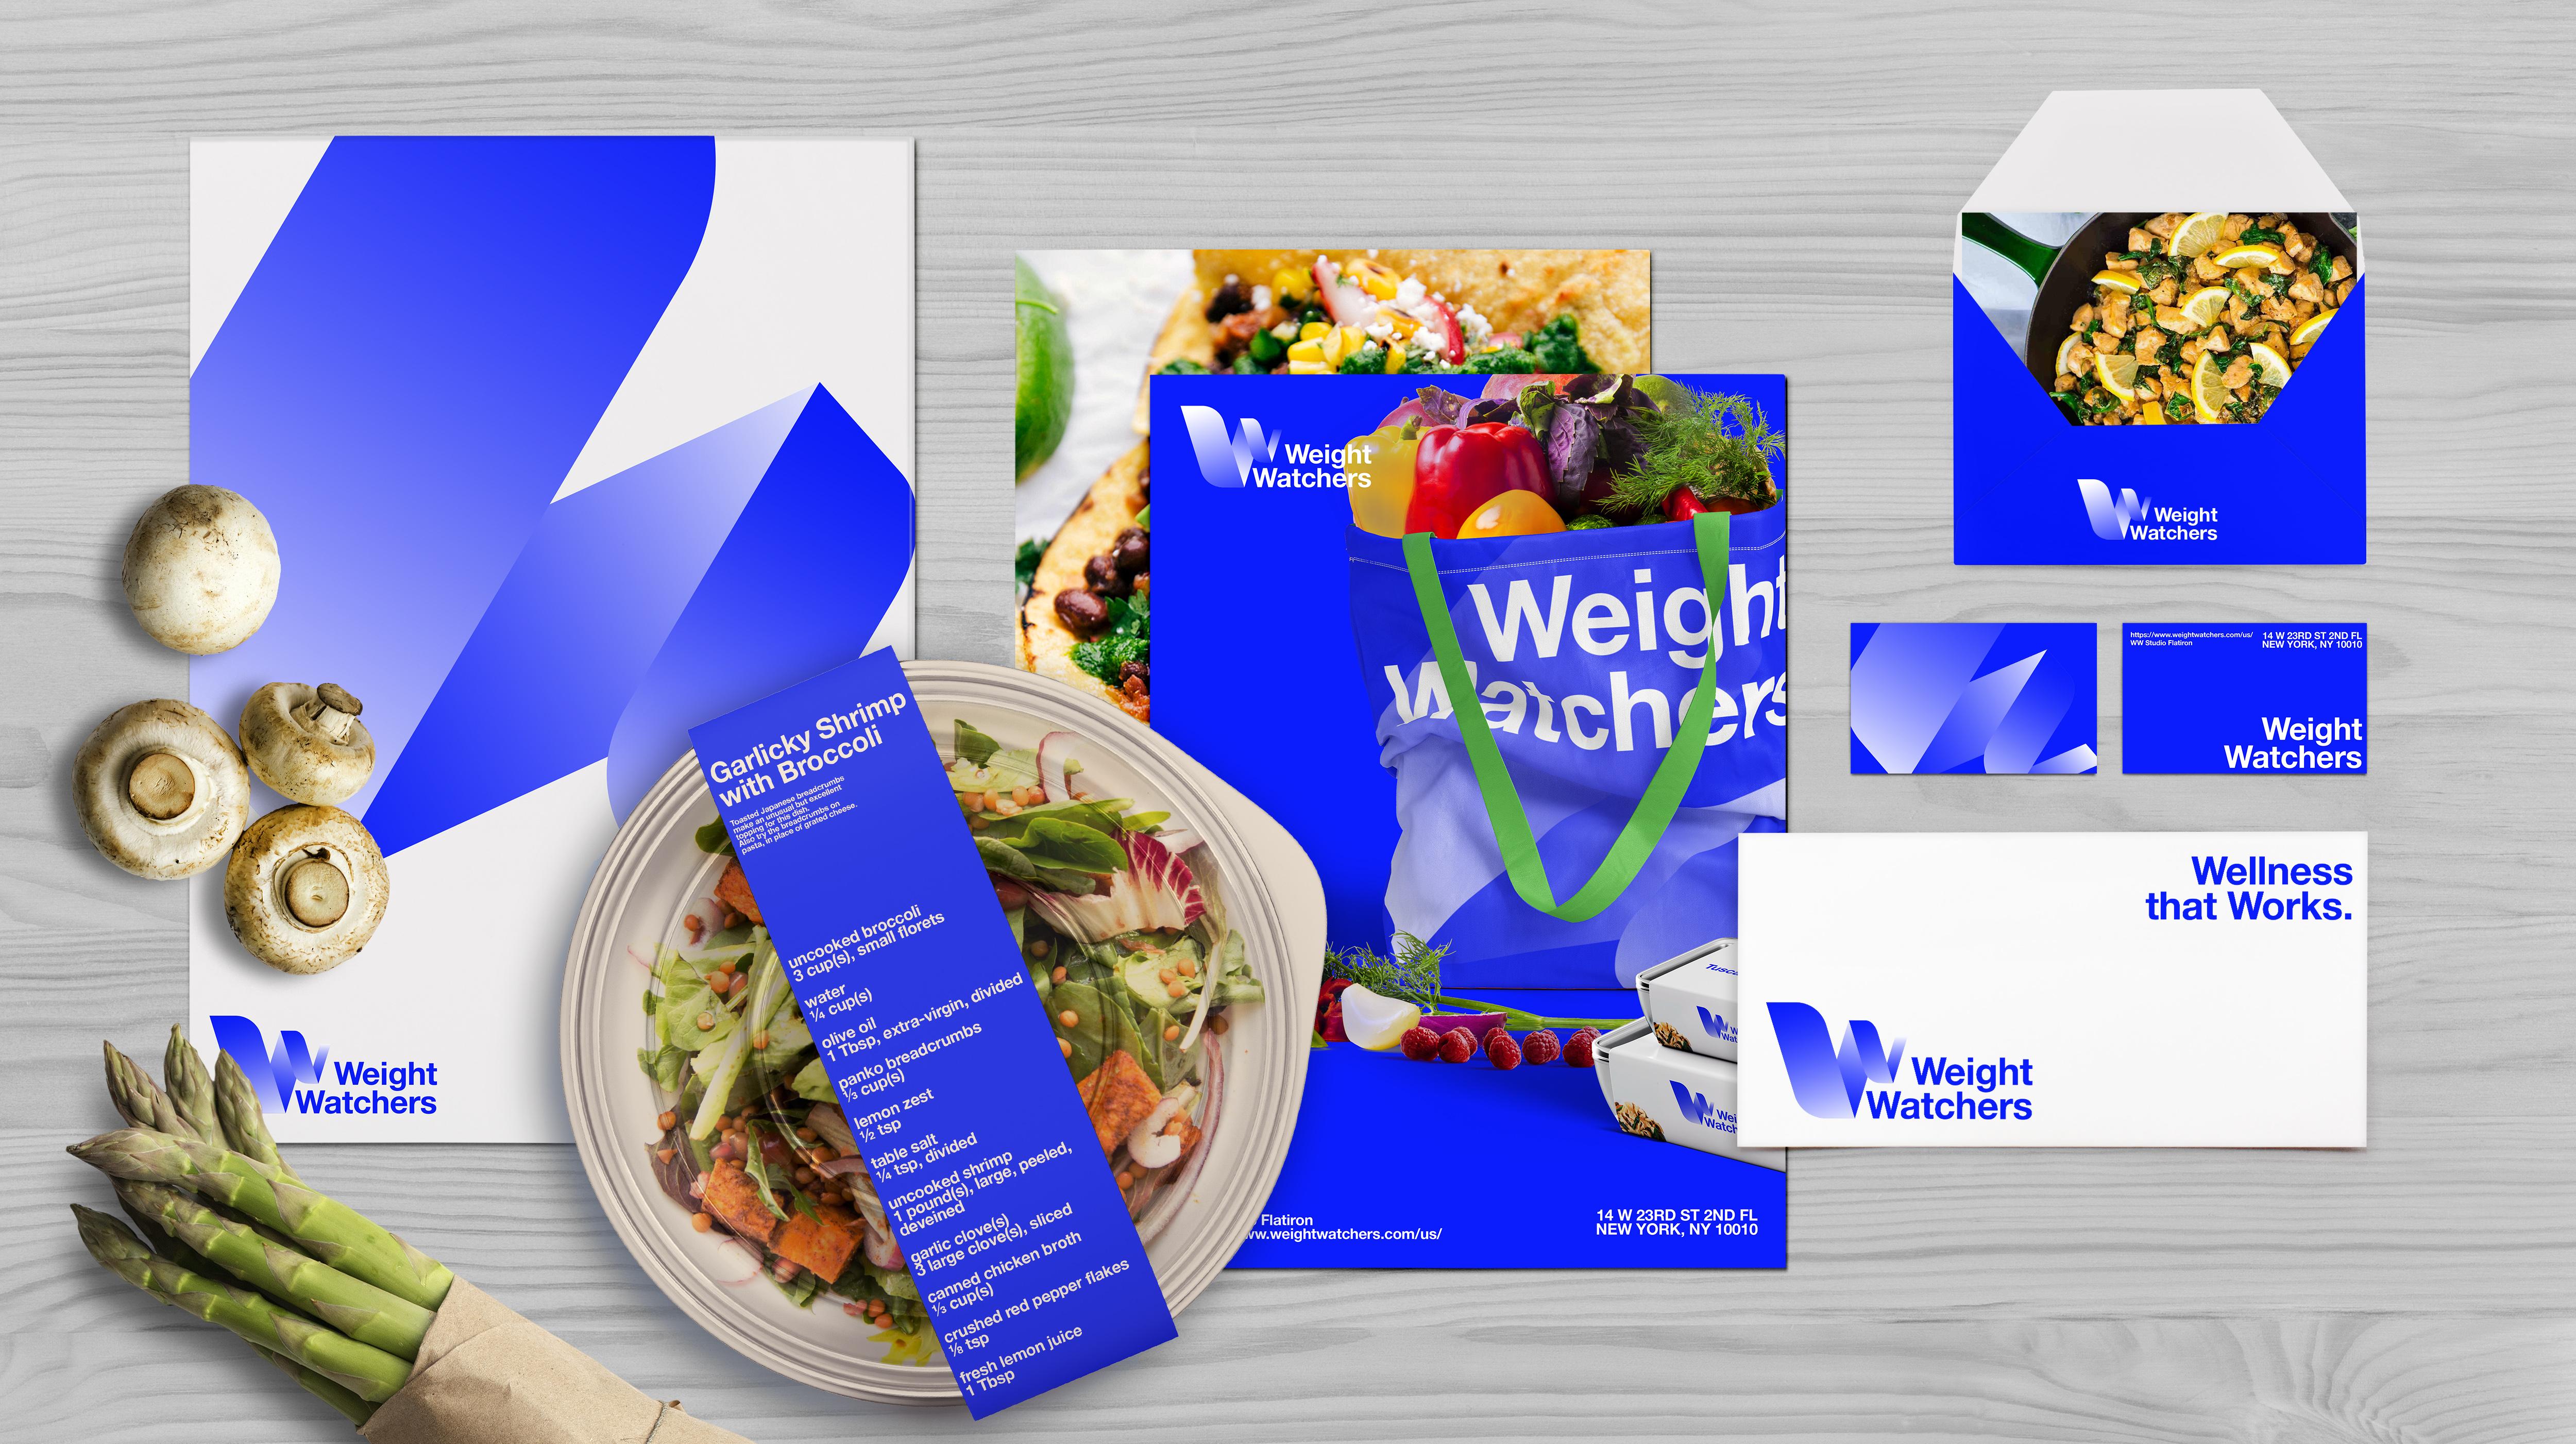 Weight Watchers Rebranding